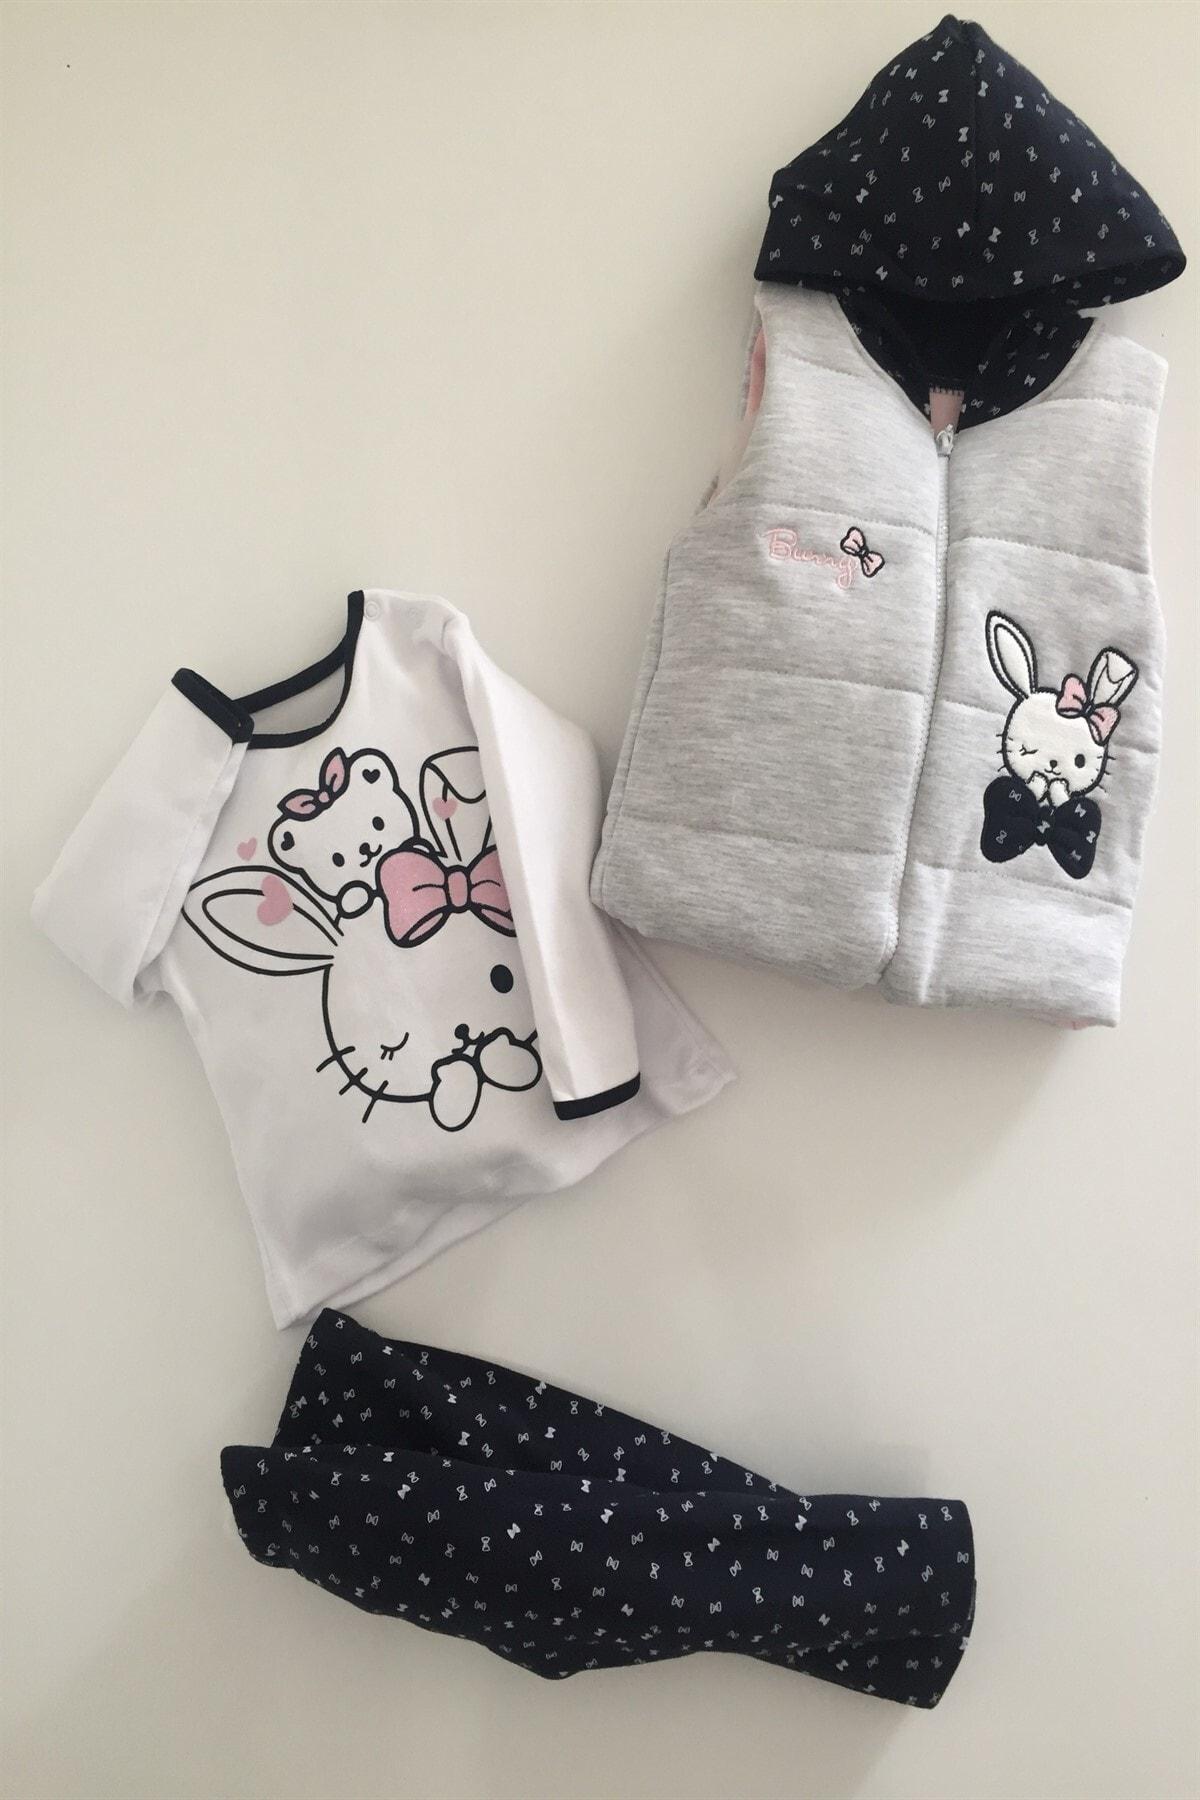 Hippıl Baby Kız Bebek Çocuk Alt Üst Yelek Bunny 3 Parça Takım 6-12-18 Ay 1